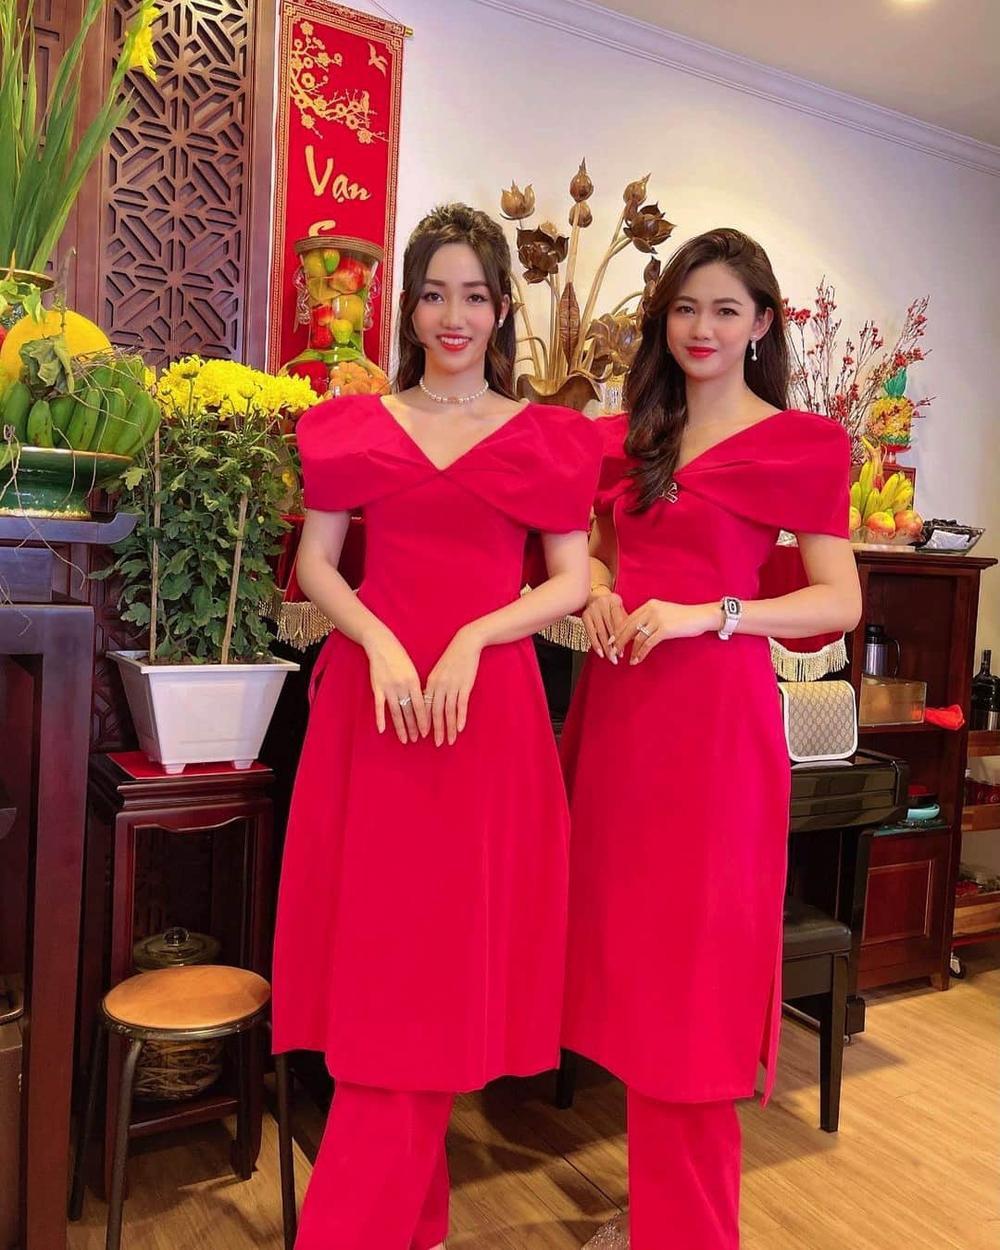 Không đẹp riêng mình, dàn mỹ nhân Việt còn ăn diện đồng điệu với gia đình ngày Tết Ảnh 7